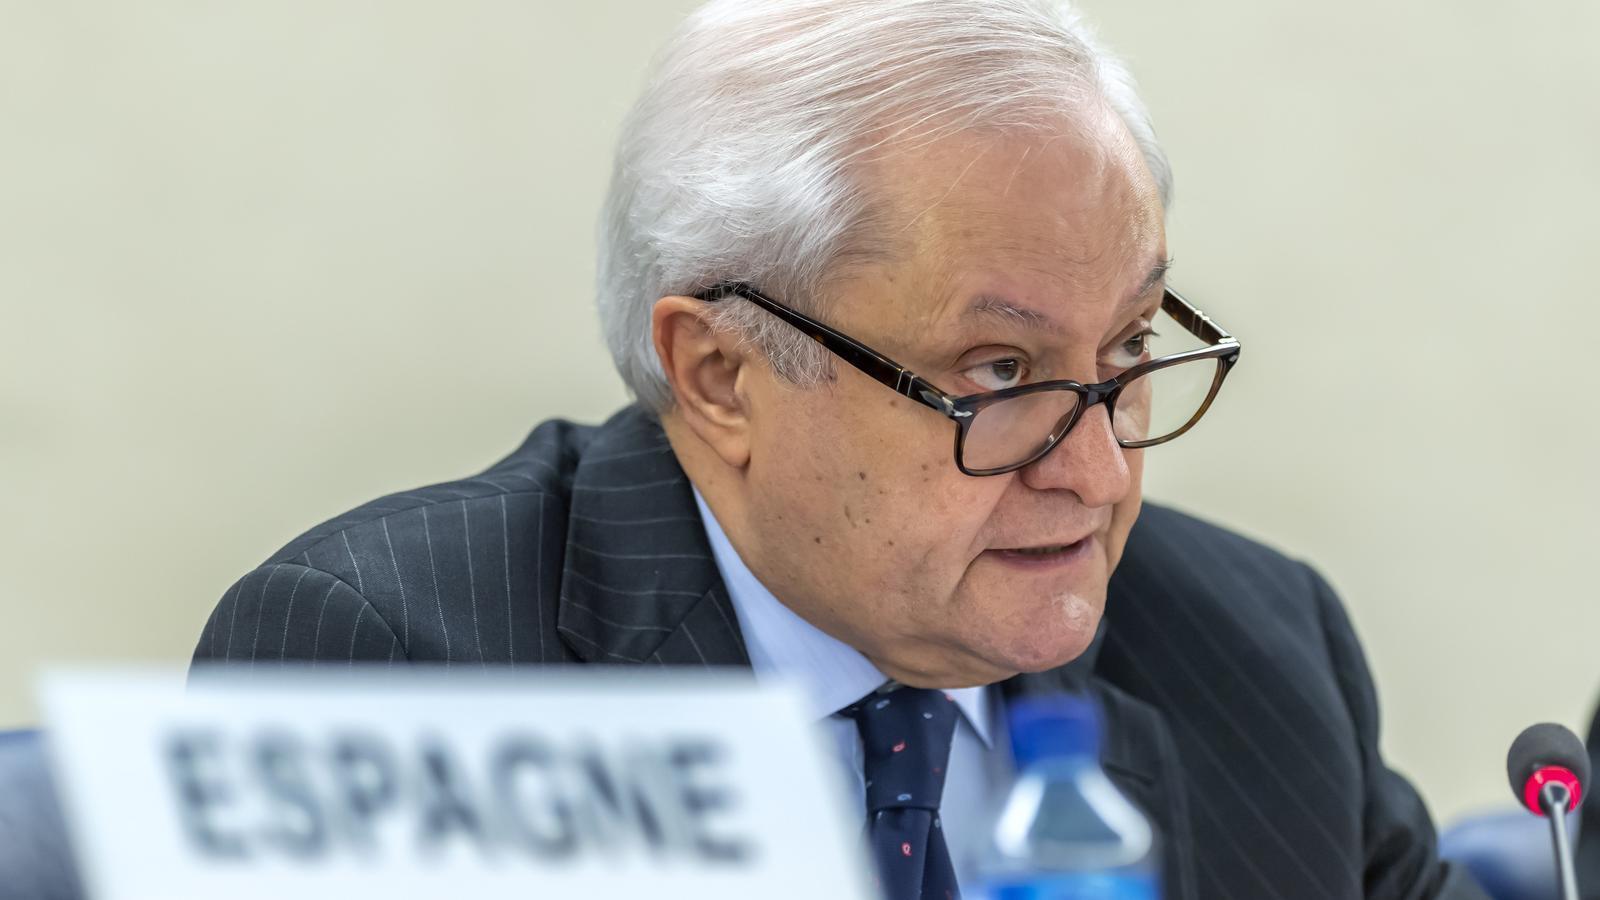 El secretari d'Estat d'Afers Exteriors, Fernando Valenzuela, durant la seva intervenció.